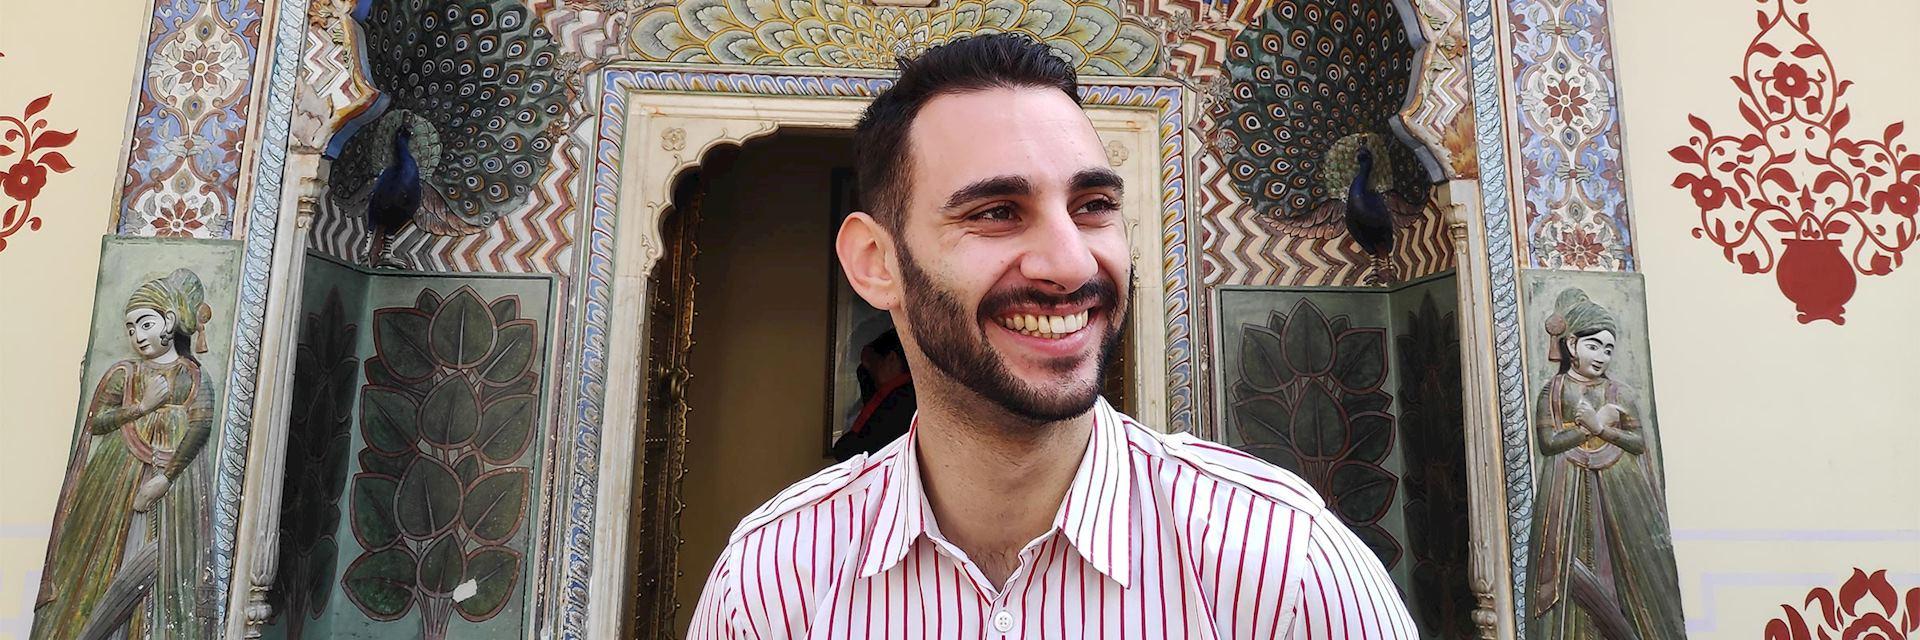 Marco at Jaipur City Palace, India